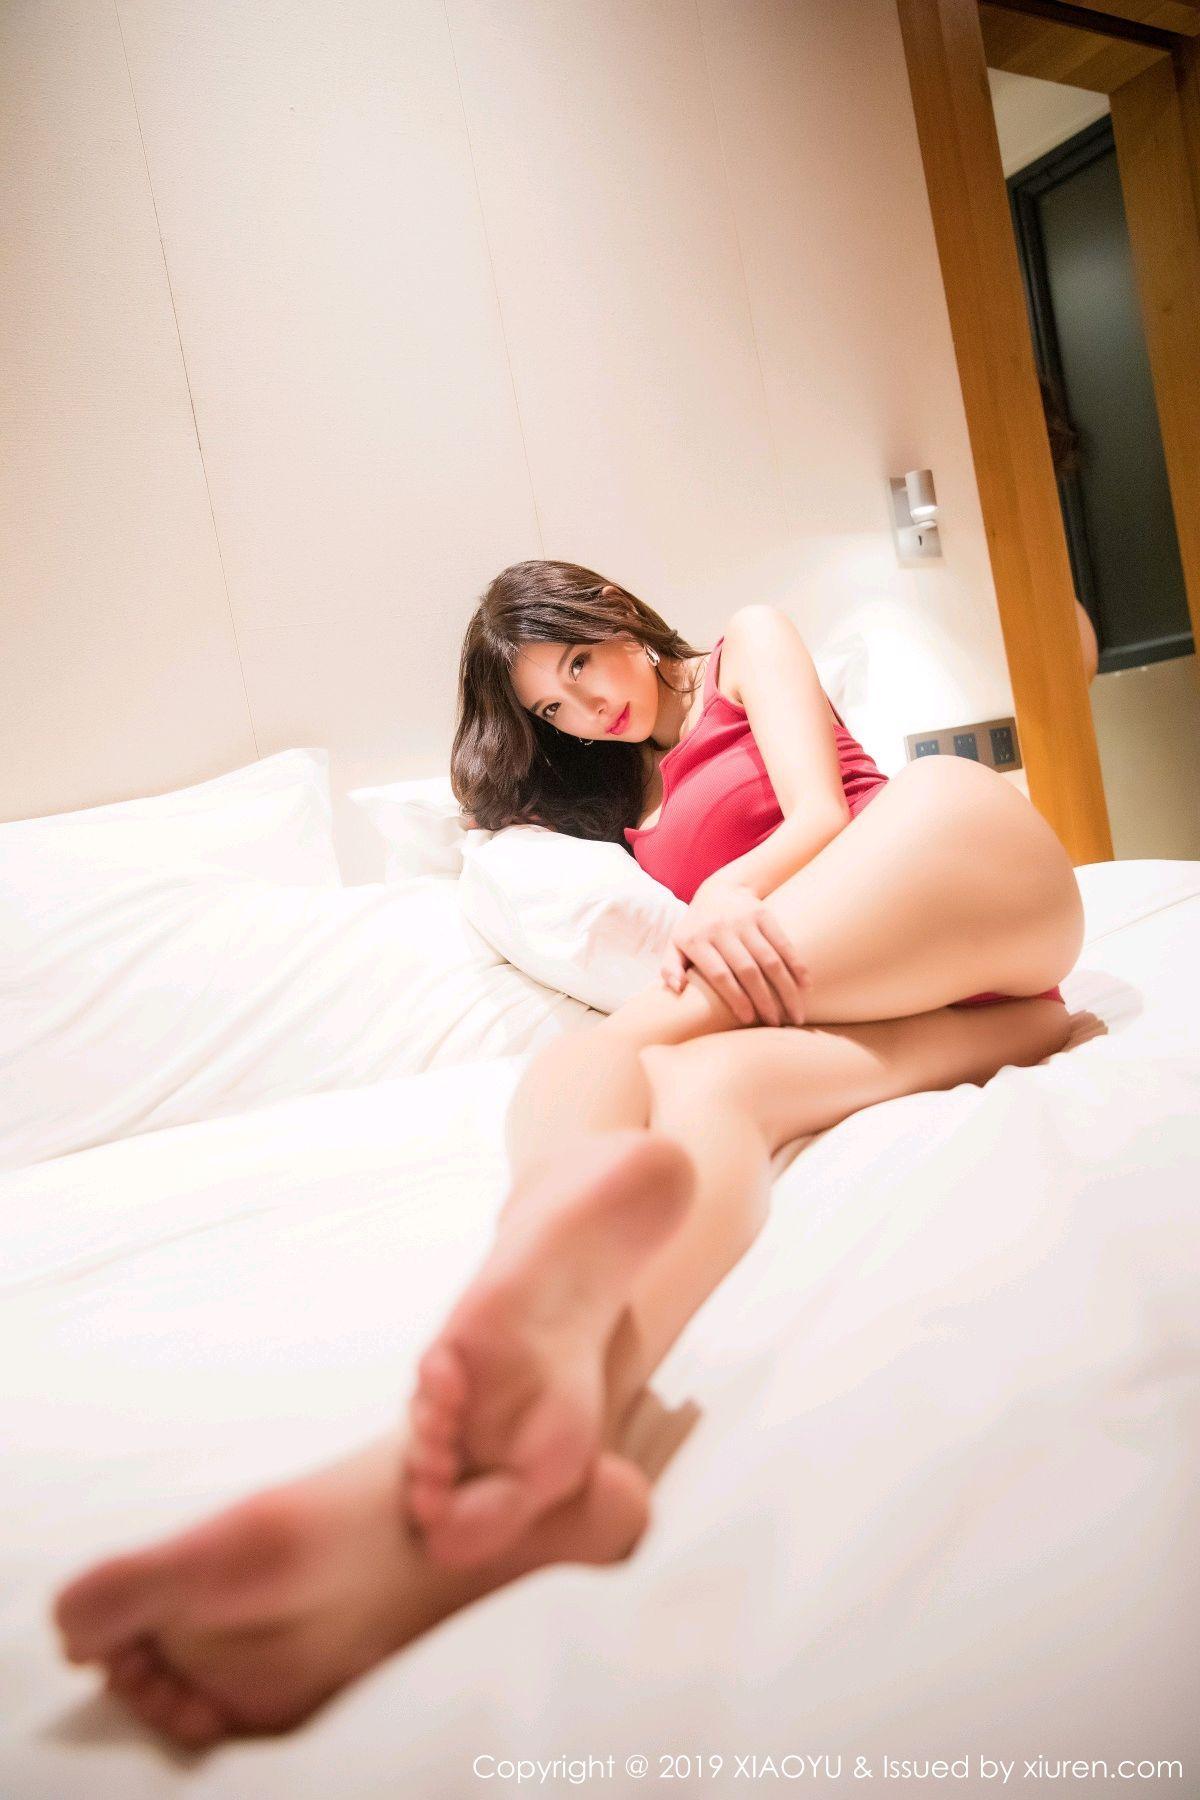 [XiaoYu] Vol.031 Yang Chen Chen 51P, Tall, XiaoYu, Yang Chen Chen